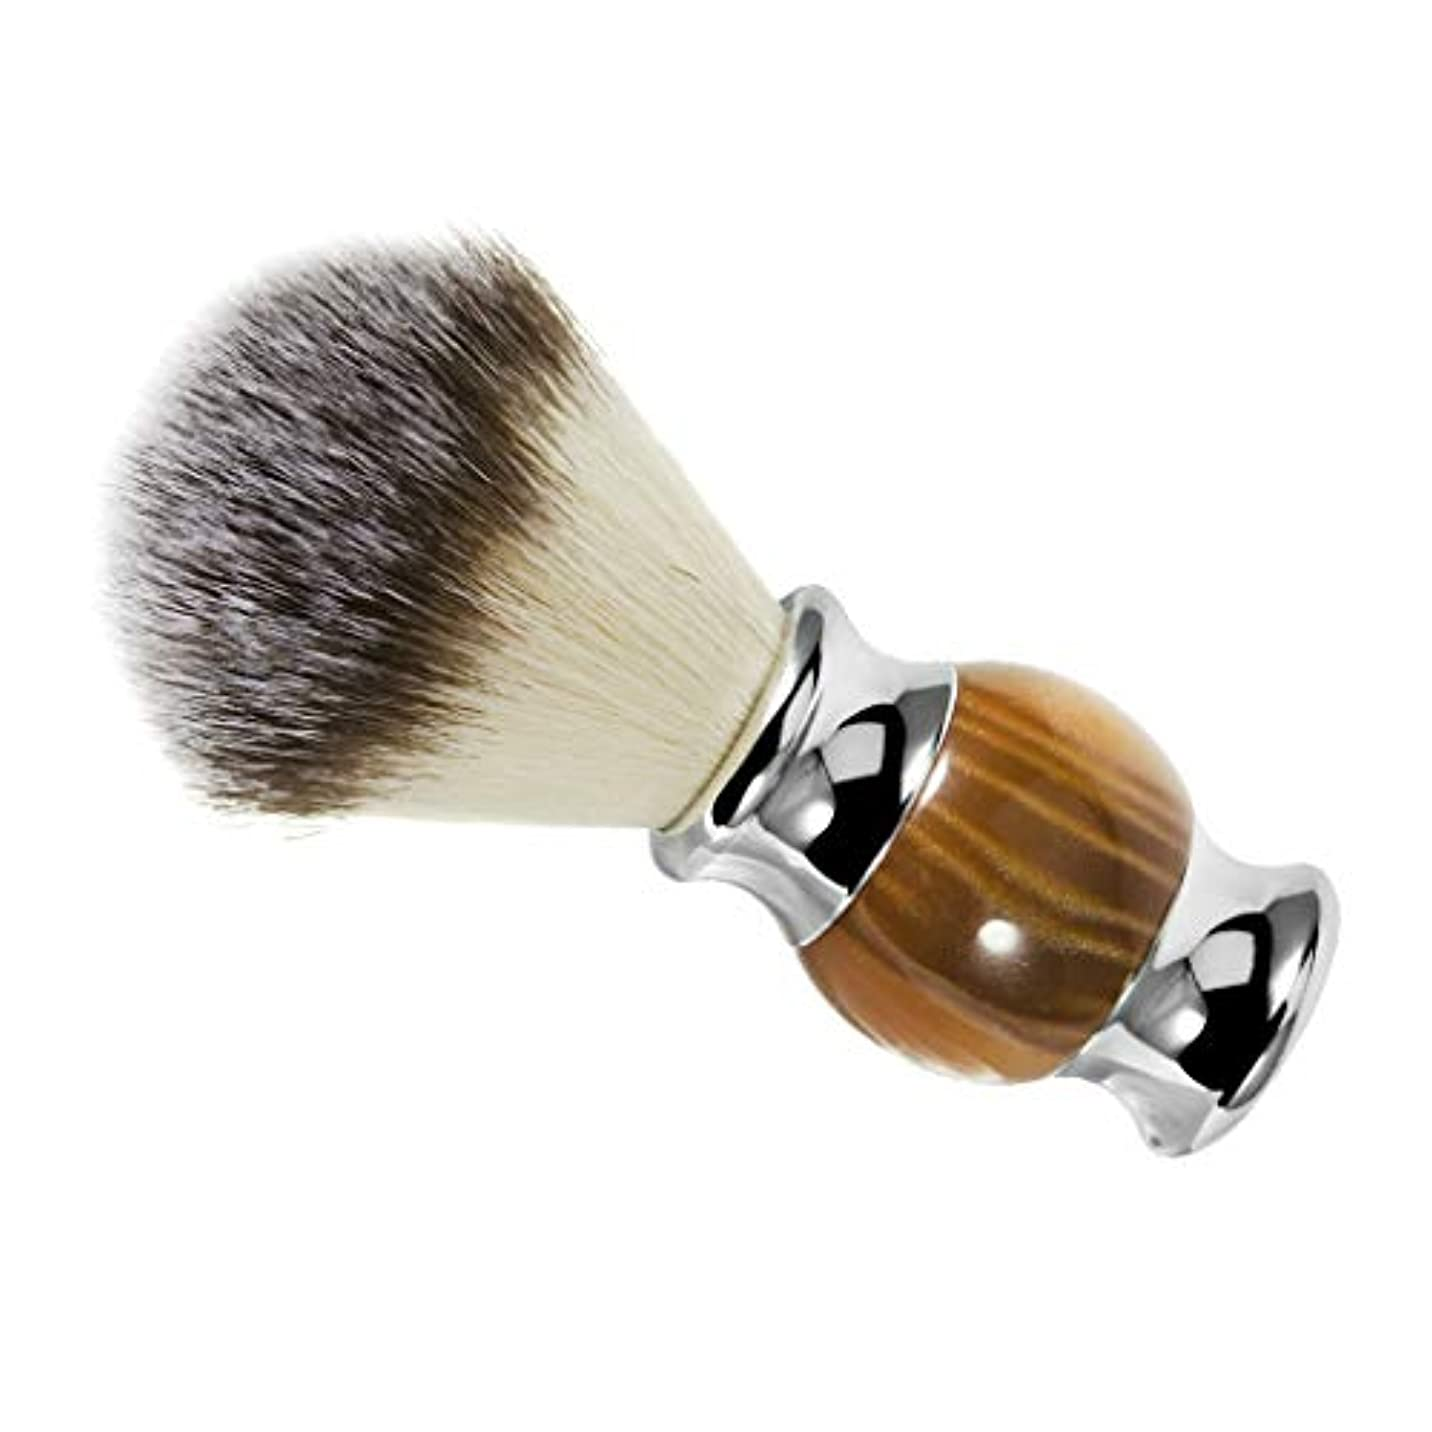 含む用心するプレゼンシェービングブラシ メンズ ひげ剃りブラシ ひげ剃り 髭剃り 父の日ギフト サロンツール